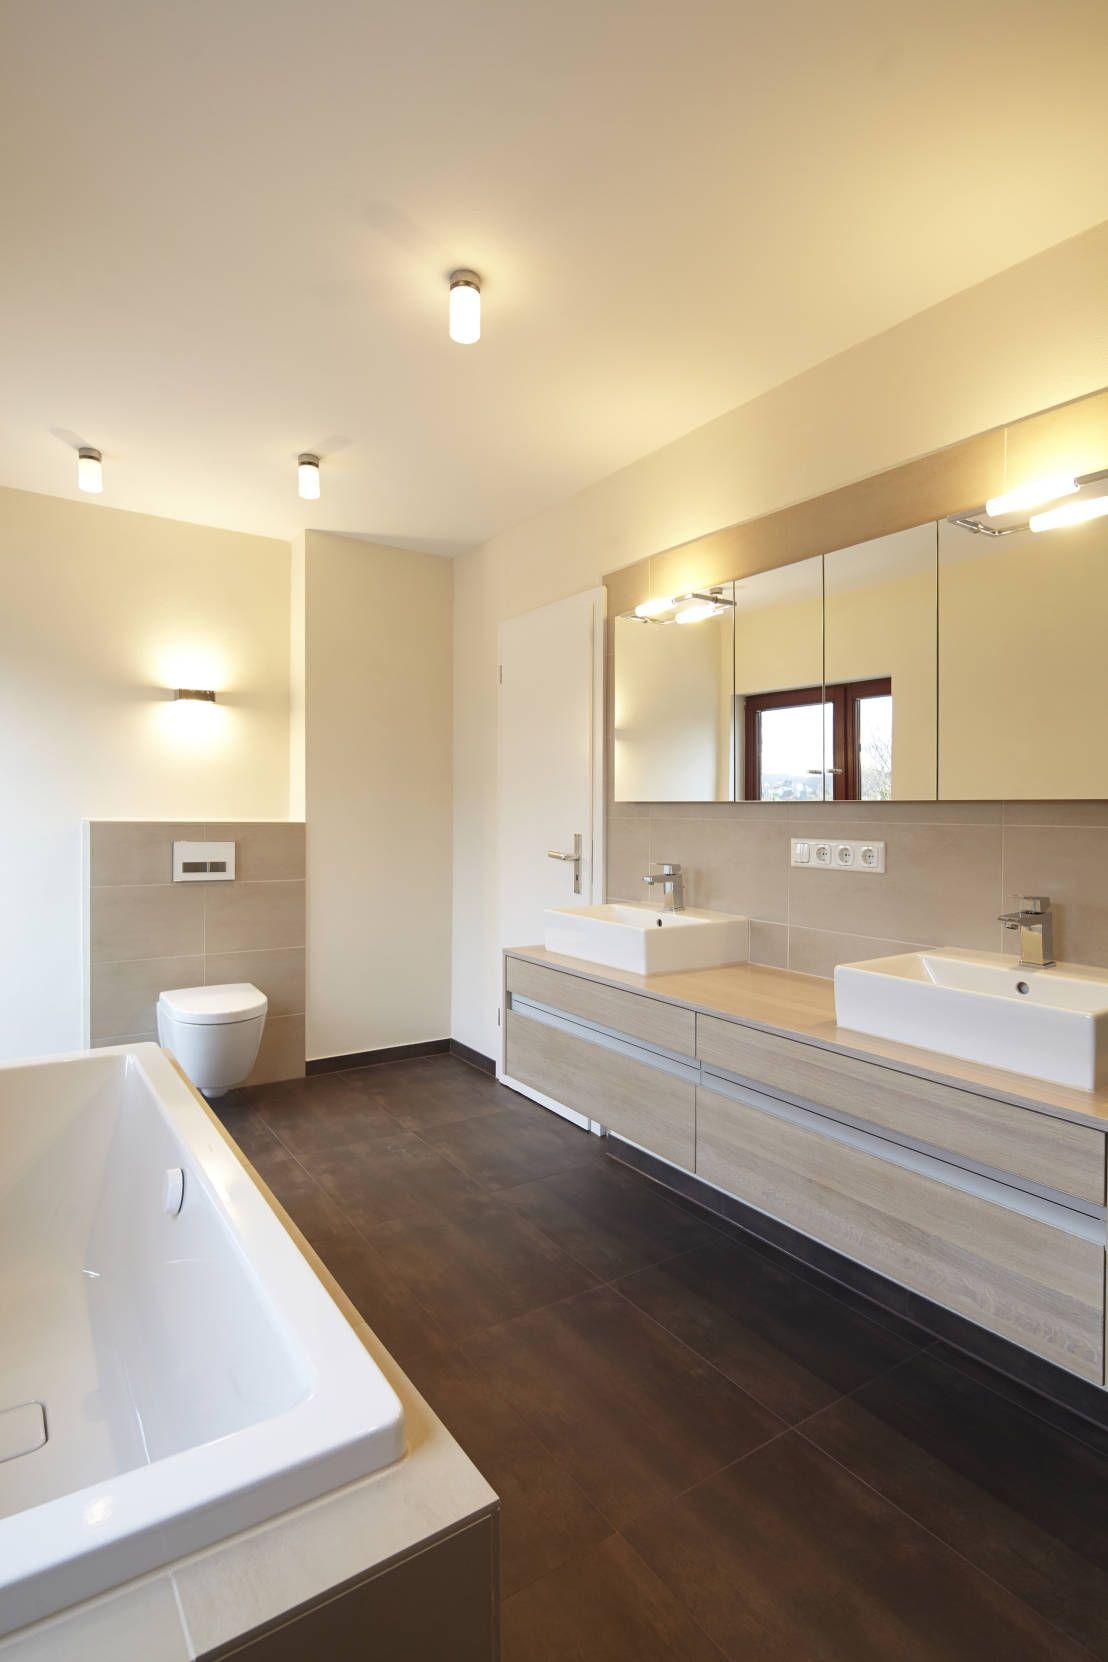 Raum Der Woche Modernes Familienbadezimmer Homify Homify Badezimmer Dunkle Badezimmer Badezimmer Innenausstattung